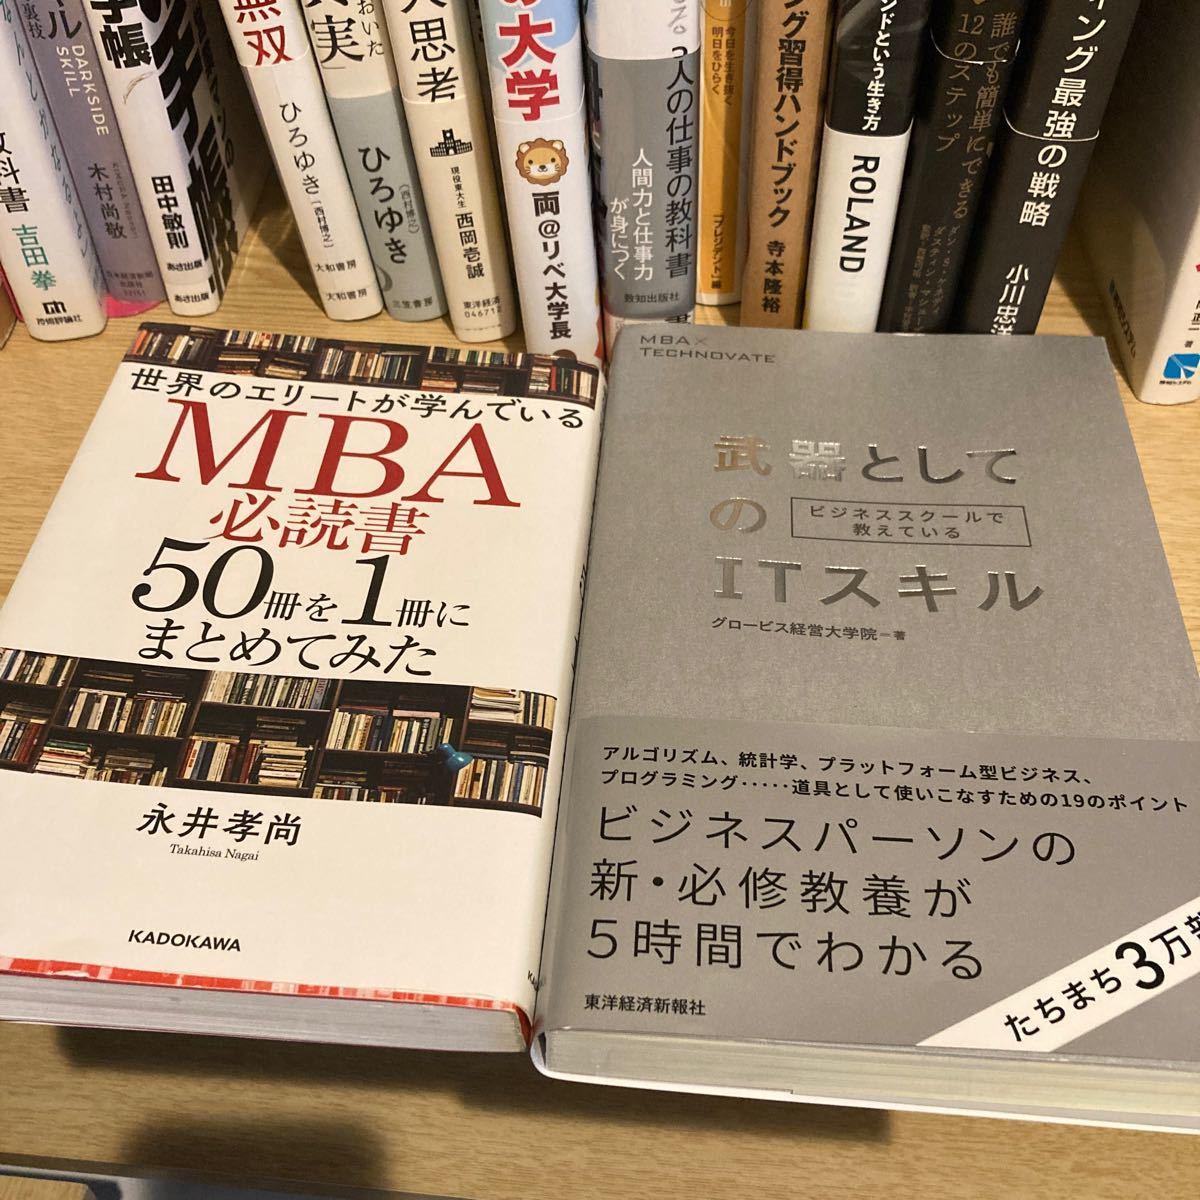 MBA必読書 武器としてのITスキル